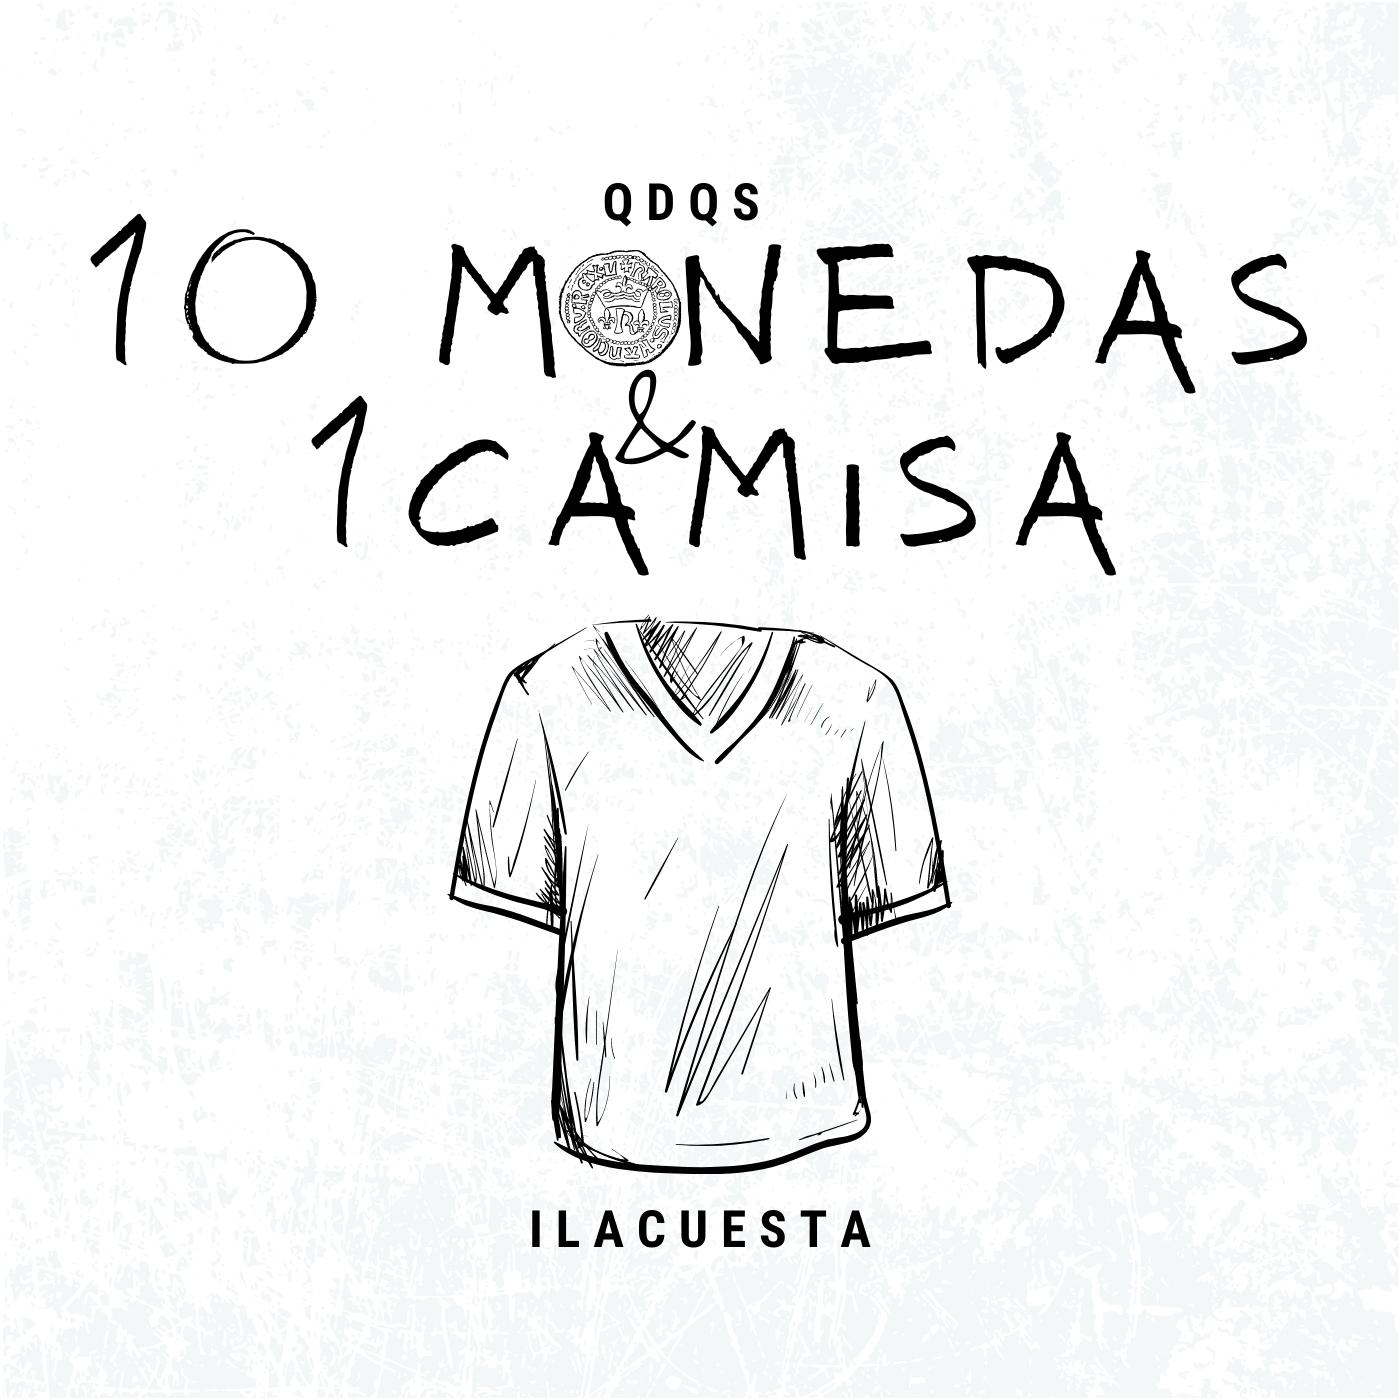 10 monedas y 1 camisa